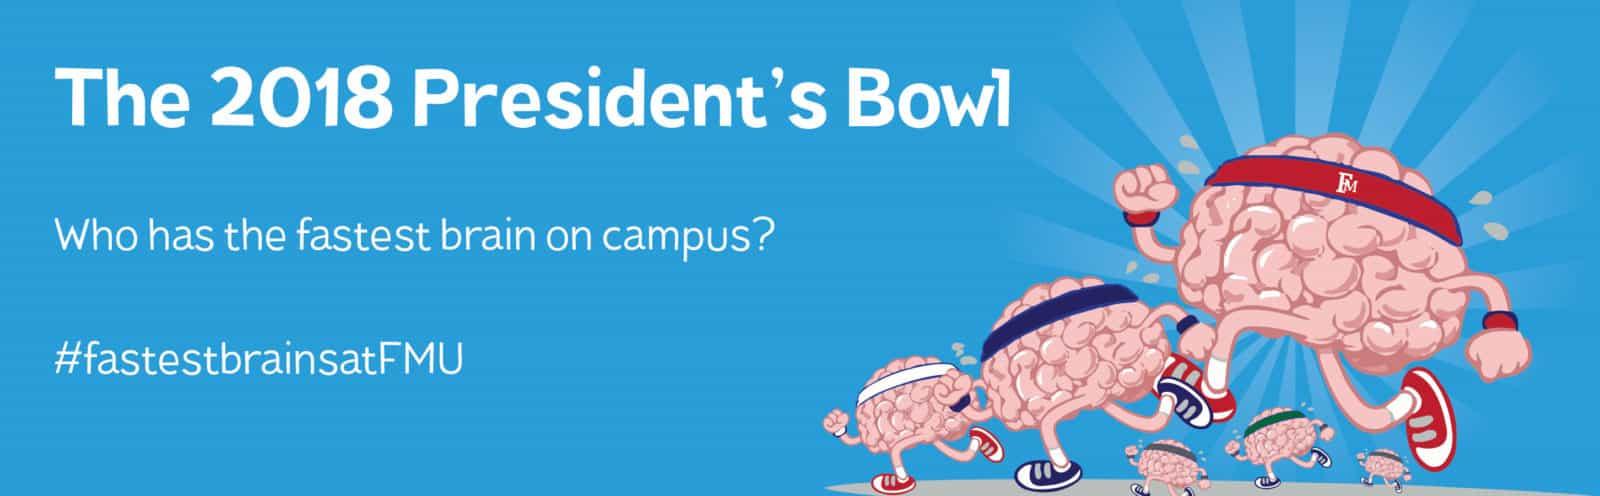 President's Bowl Header